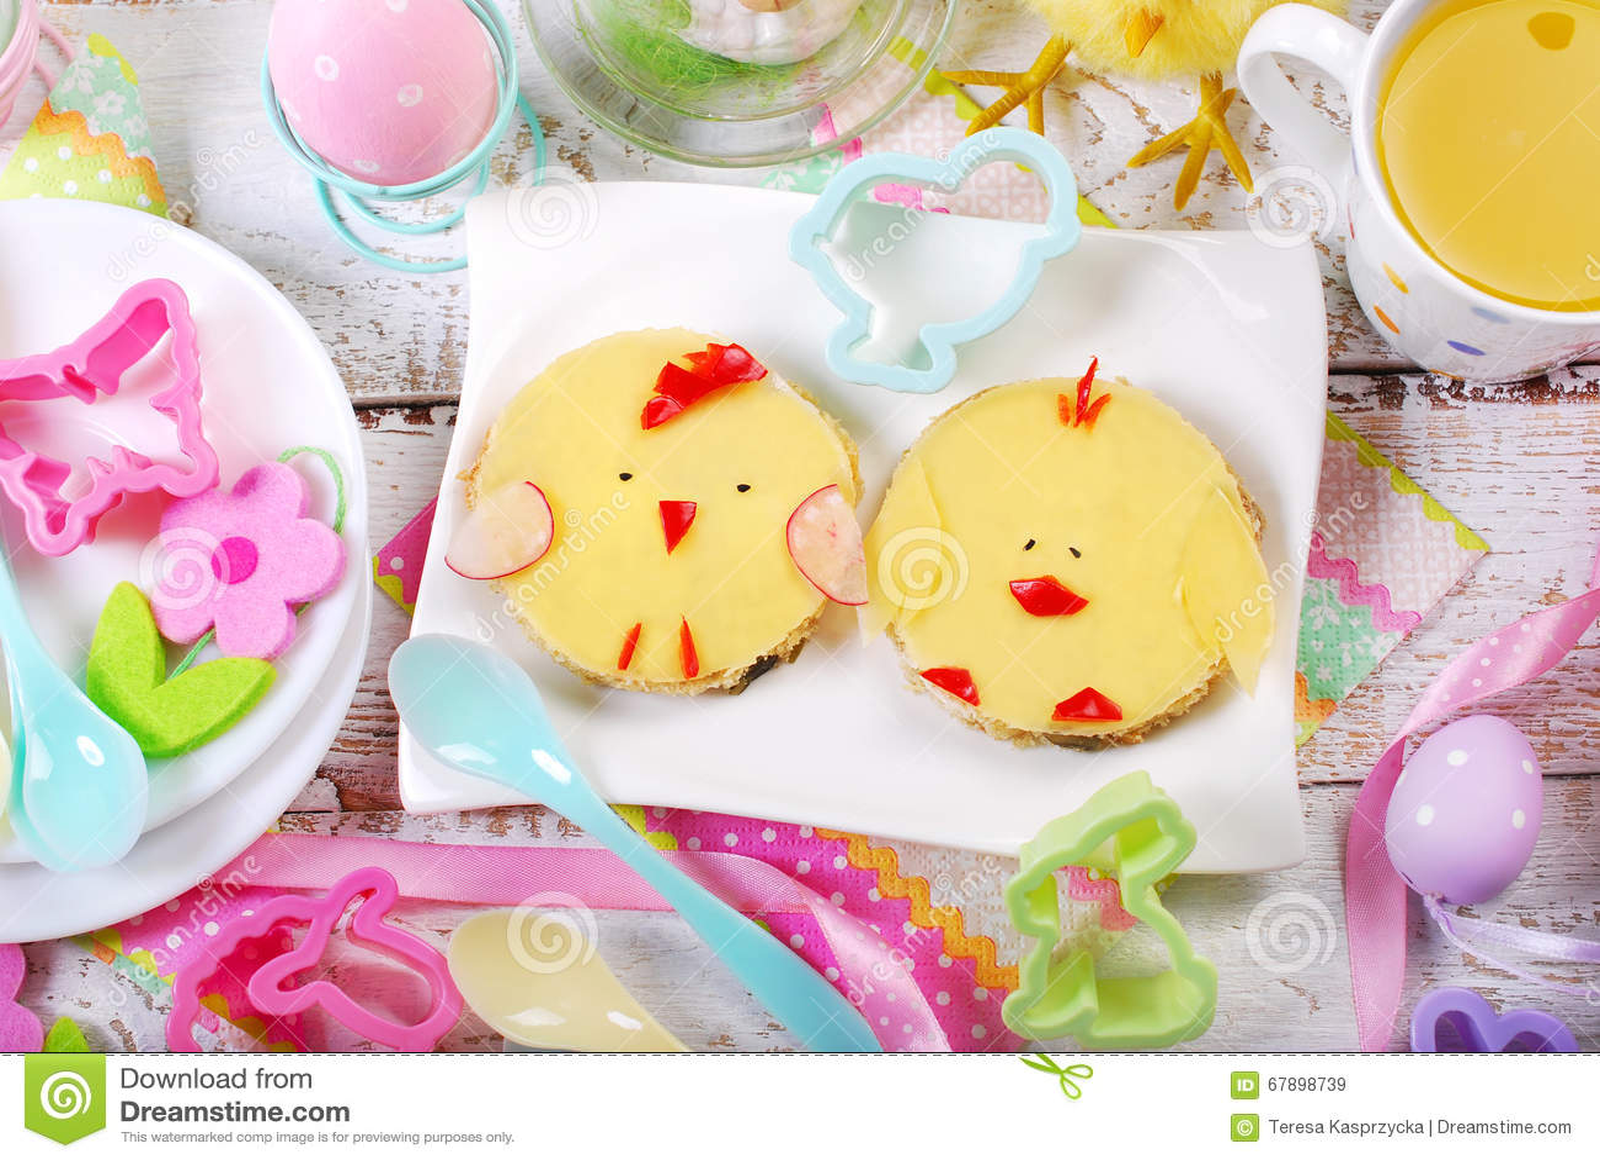 Πρόγευμα Πάσχας για τα παιδιά με τα αστεία σάντουιτς